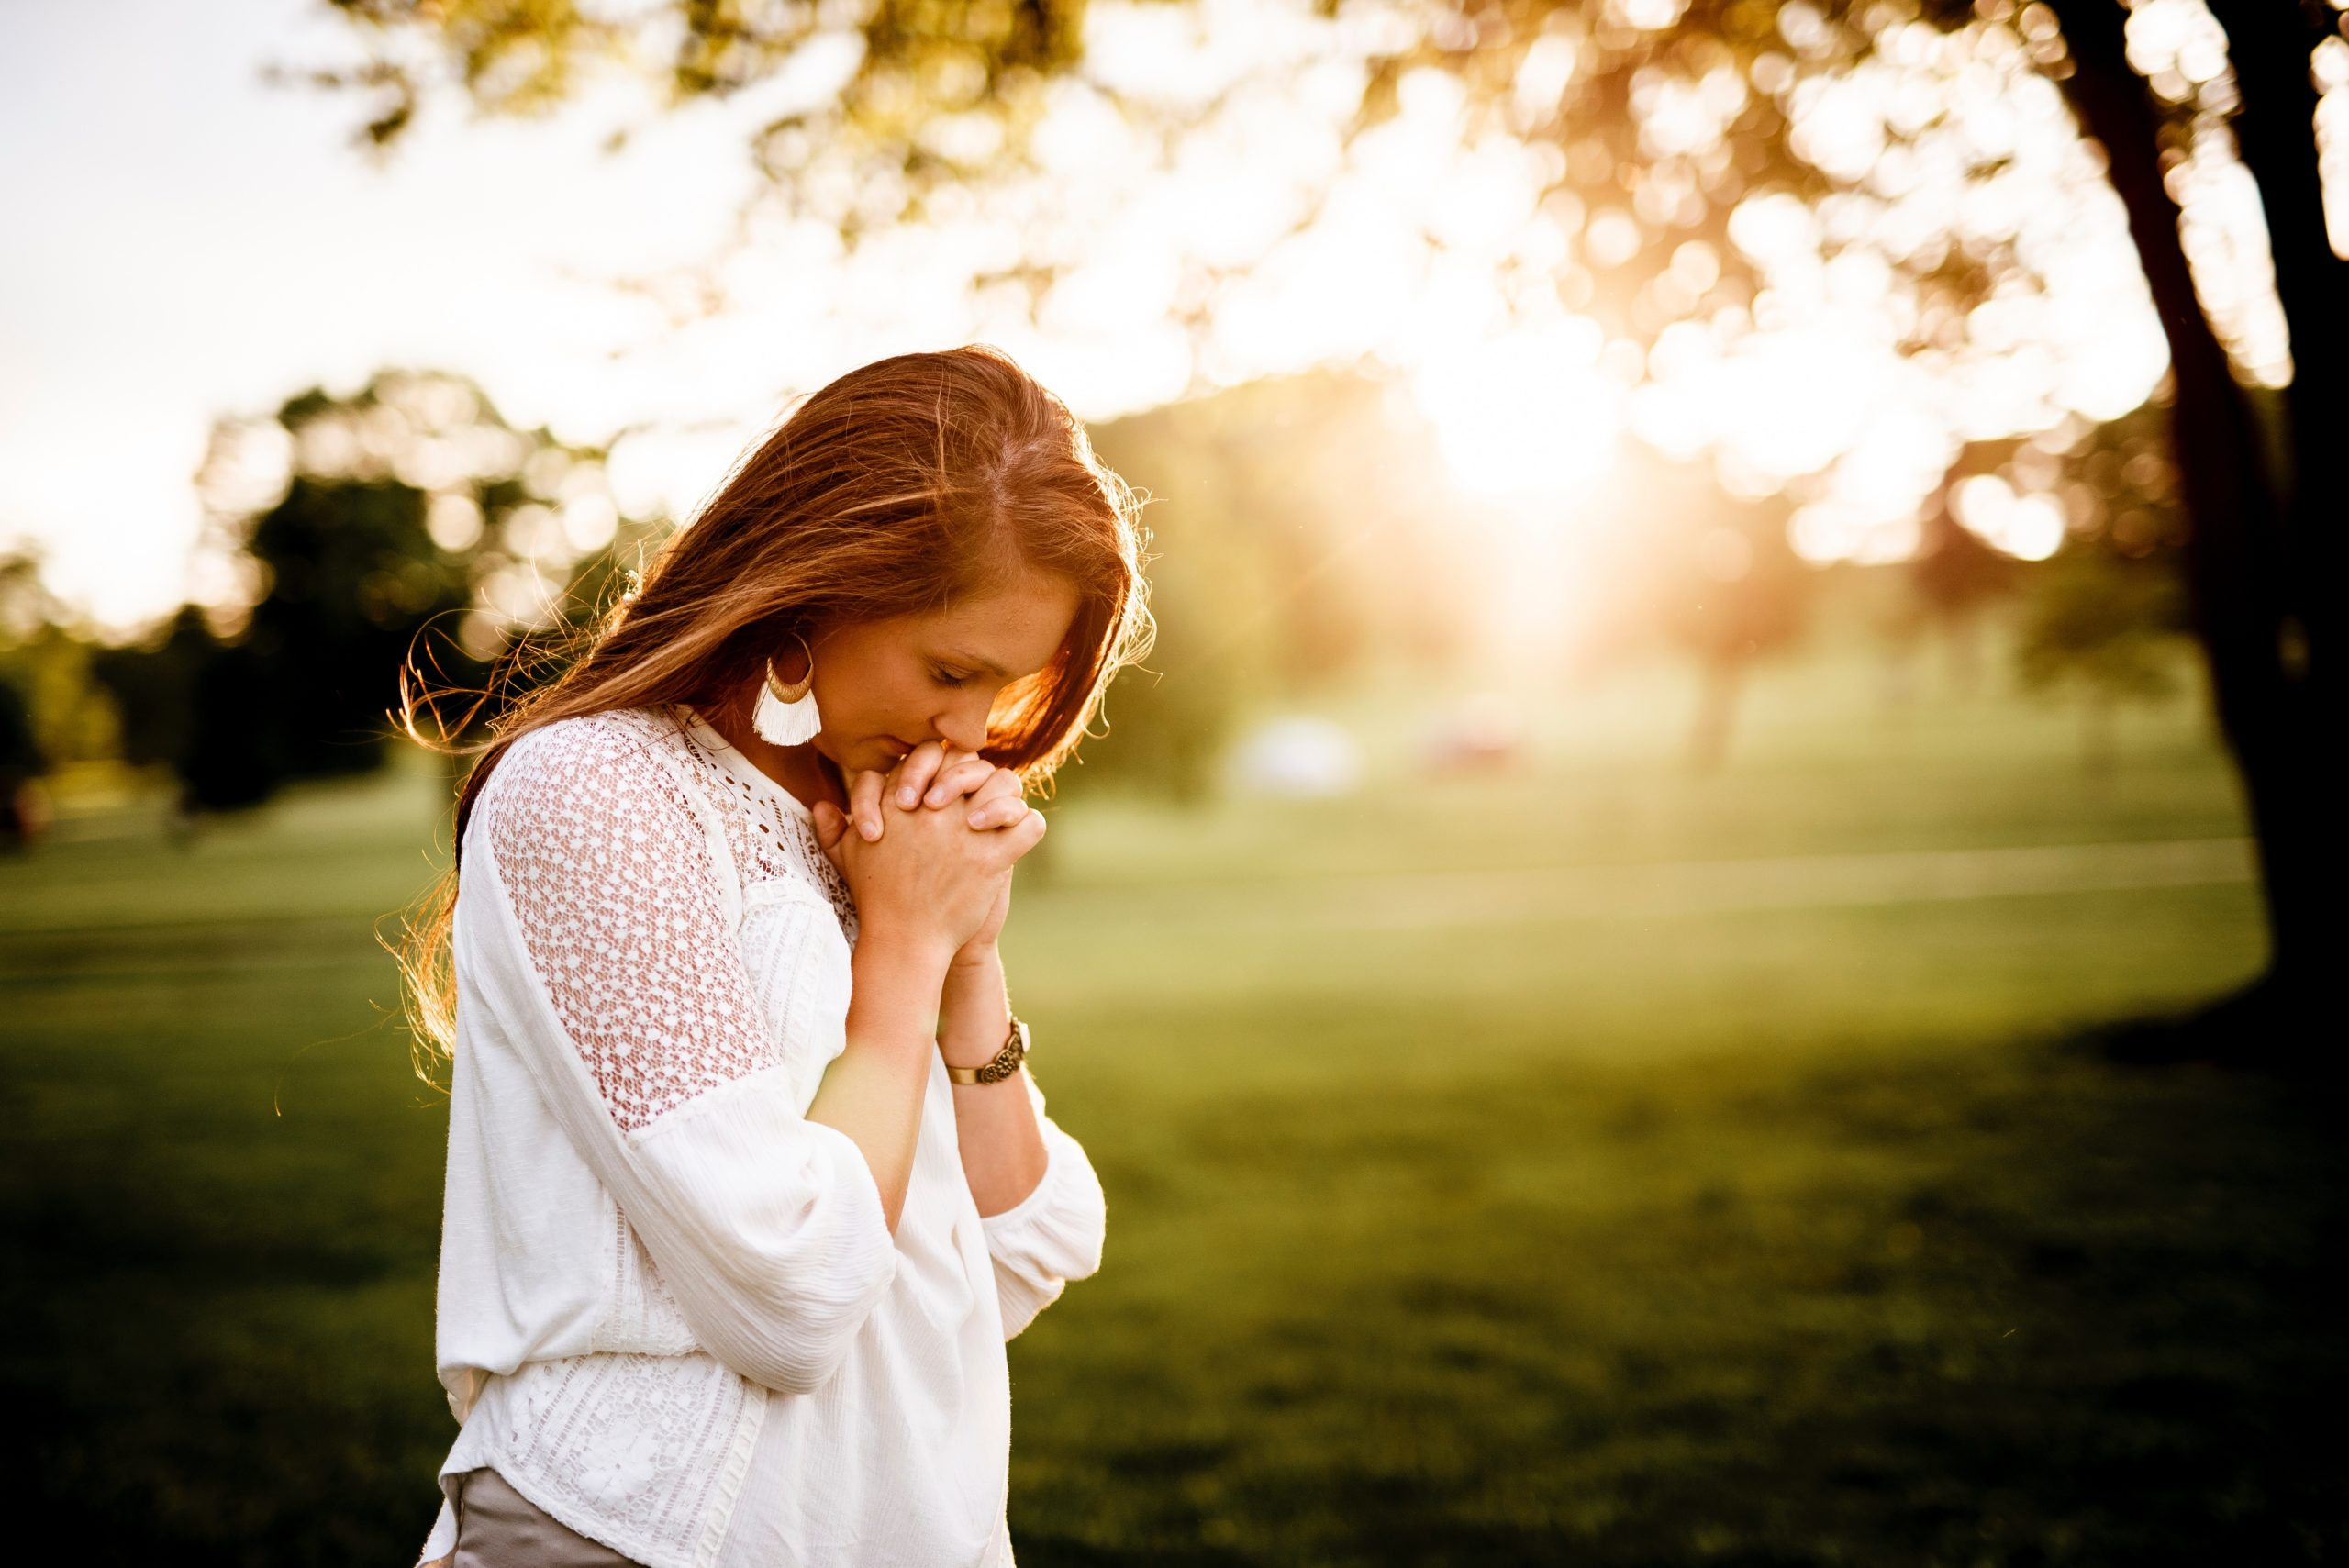 Wie kann ich für meinen Ehepartner beten?